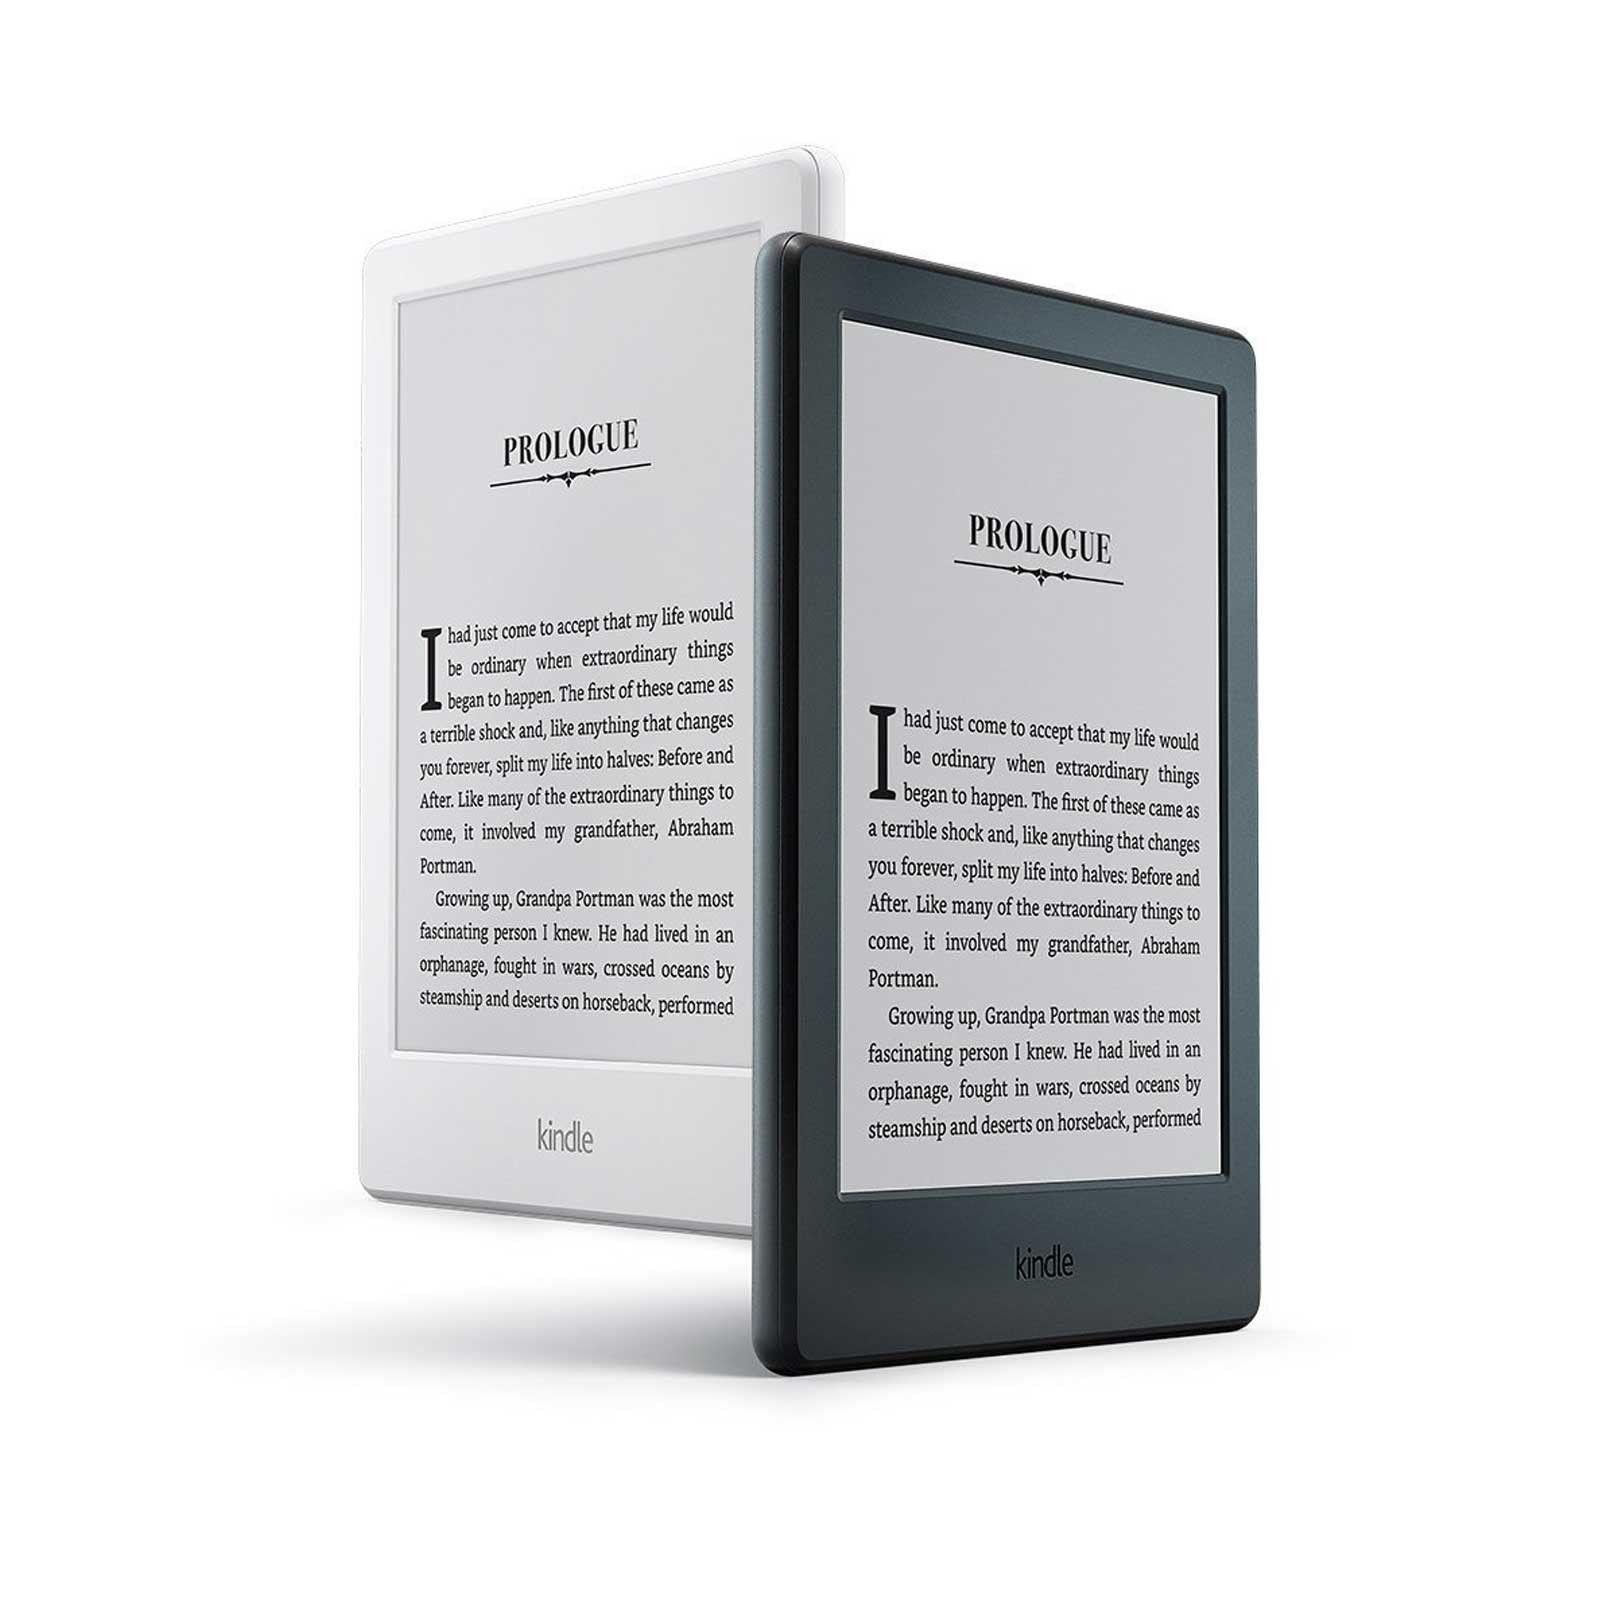 Amazon Kindle (Wifi Only, Black) Kindle, Kindle